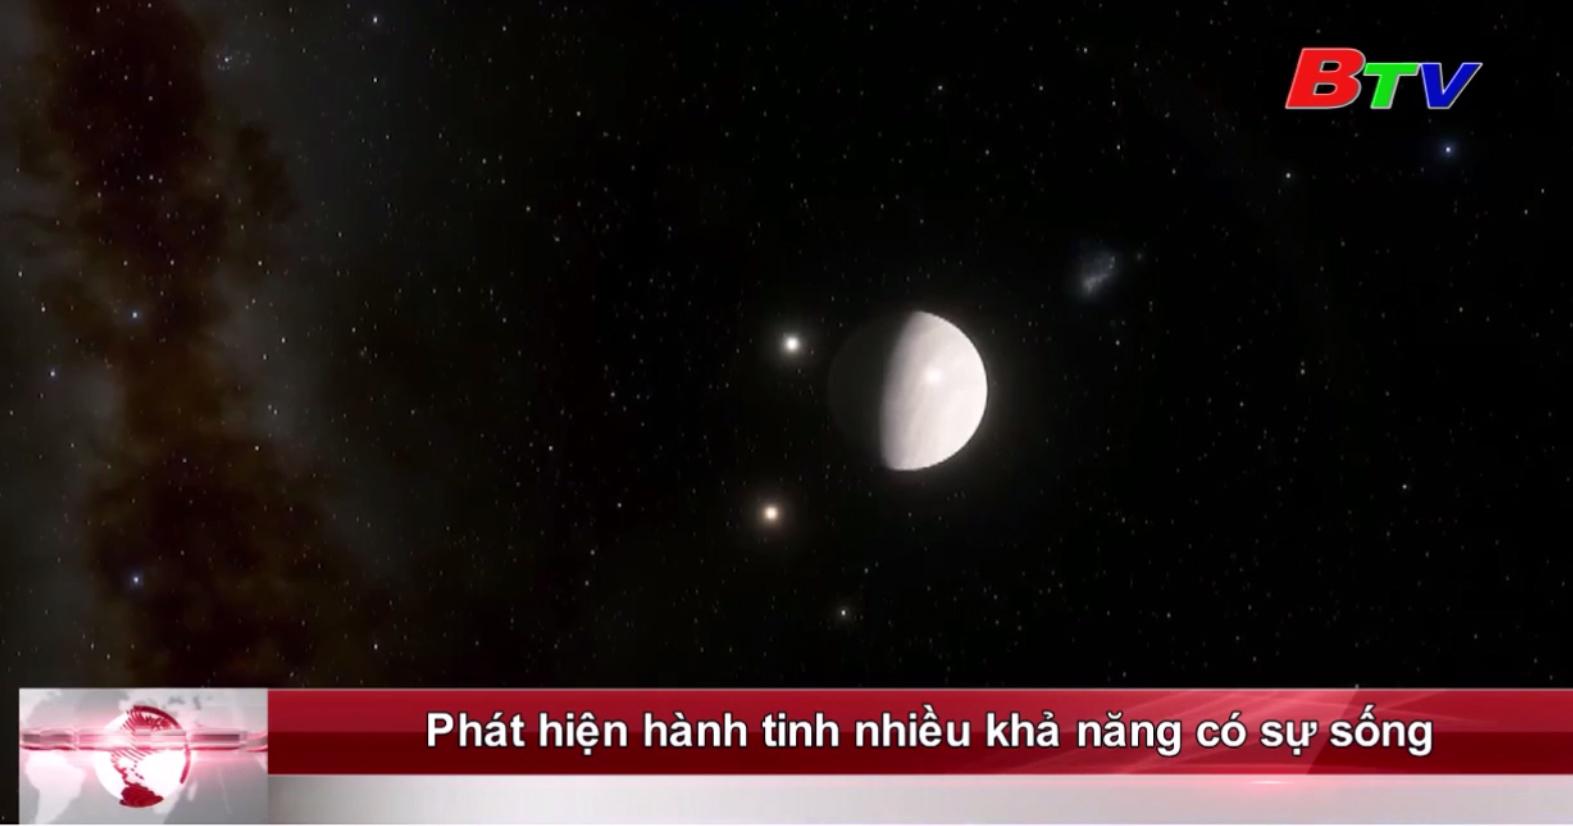 Phát hiện hành tinh nhiều khả năng có sự sống